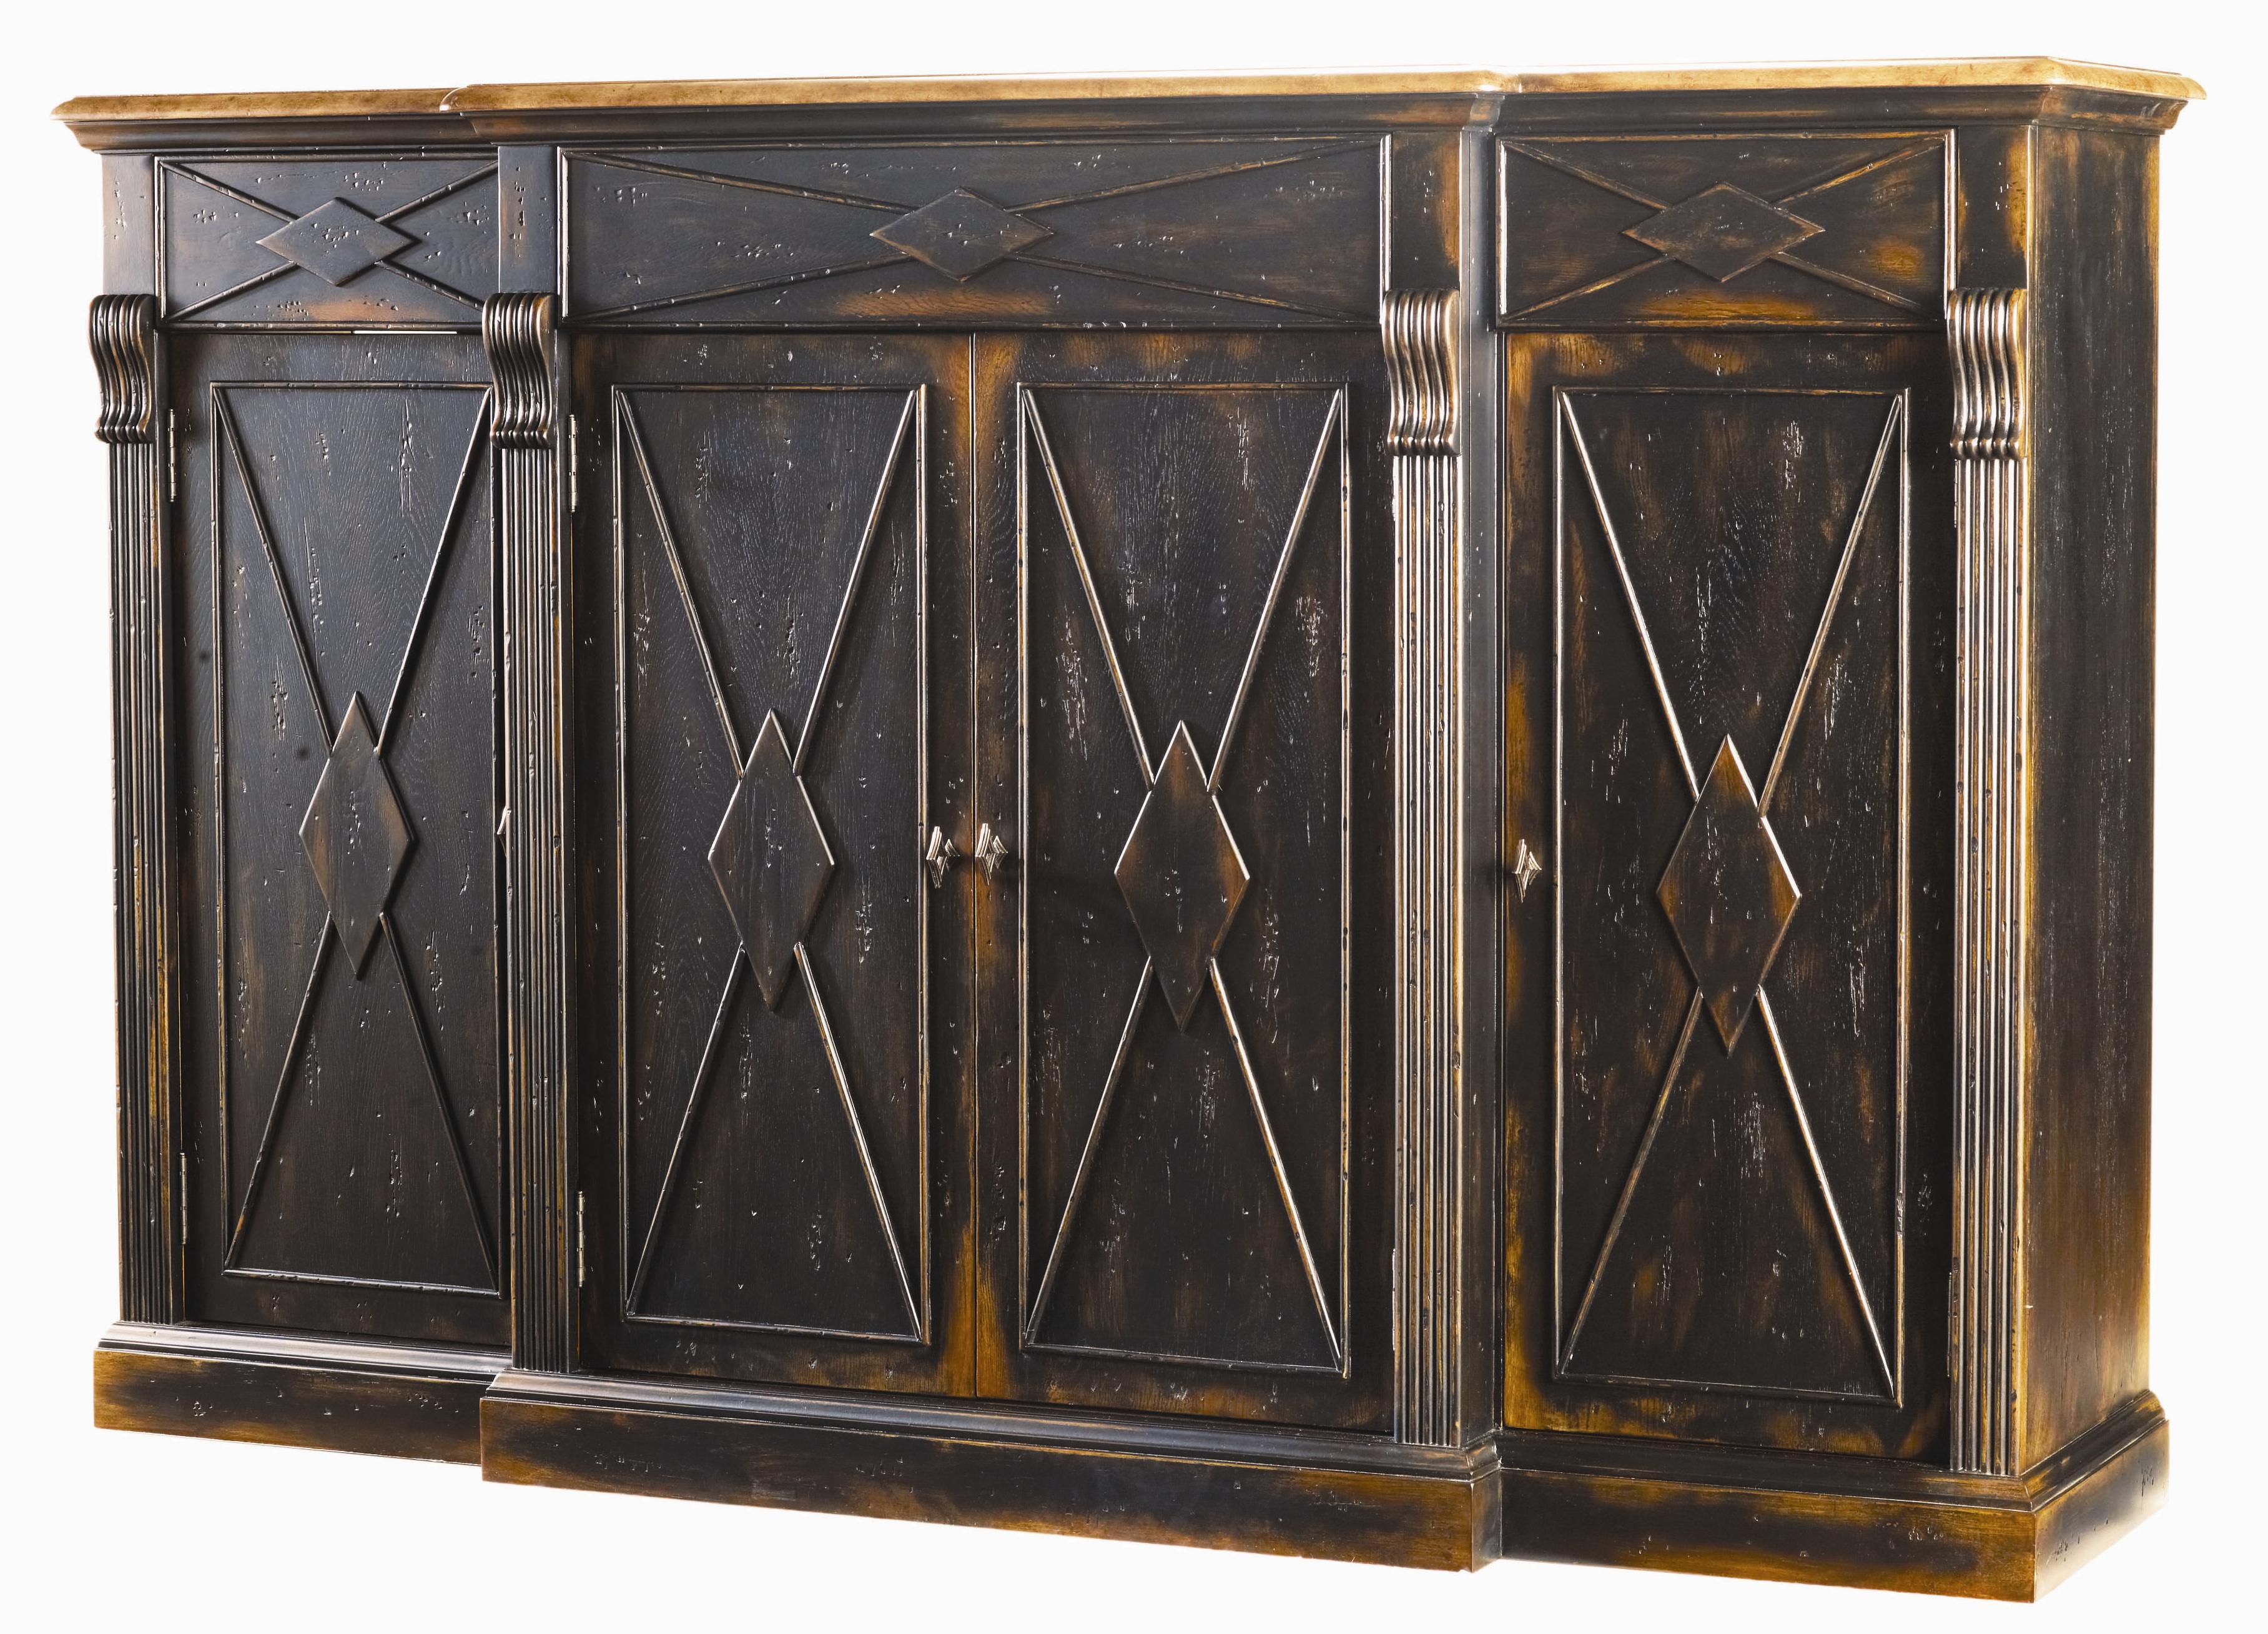 Hooker Furniture Sanctuary Credenza - Item Number: 3005-85002